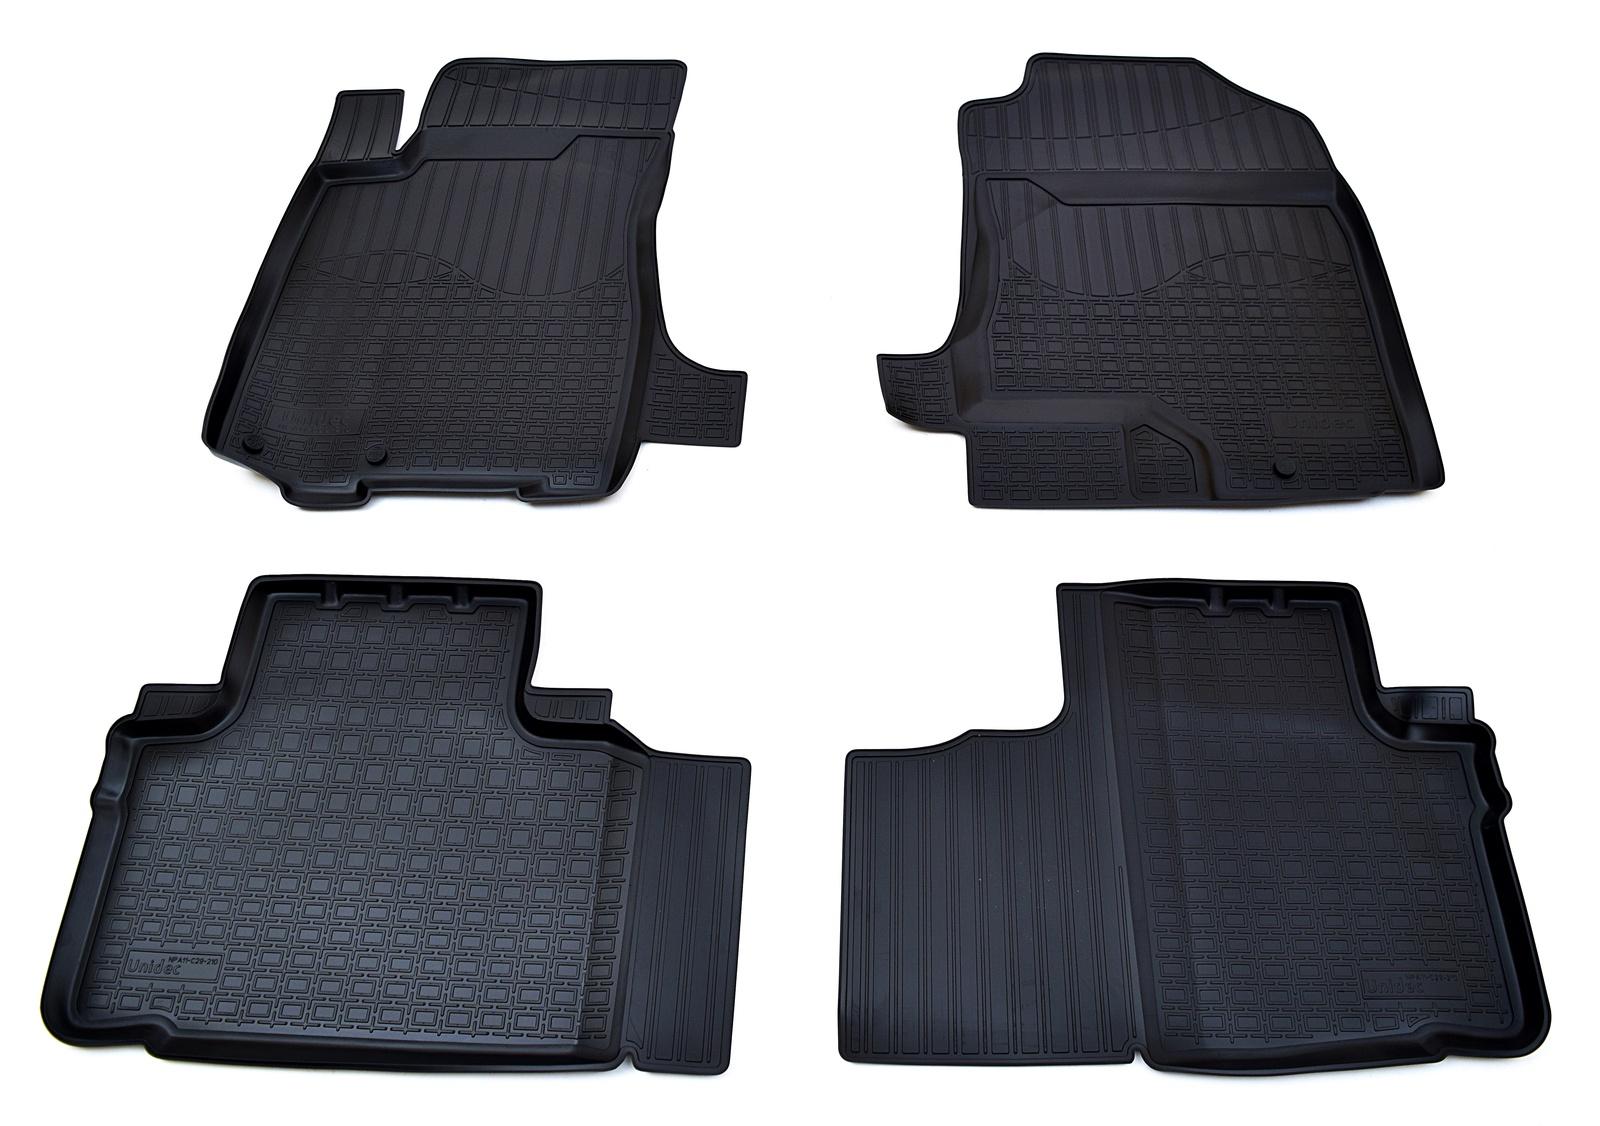 цена на Коврики в салон Norplast для Great Wall Hover H6 2012, NPA11-C29-210, черный